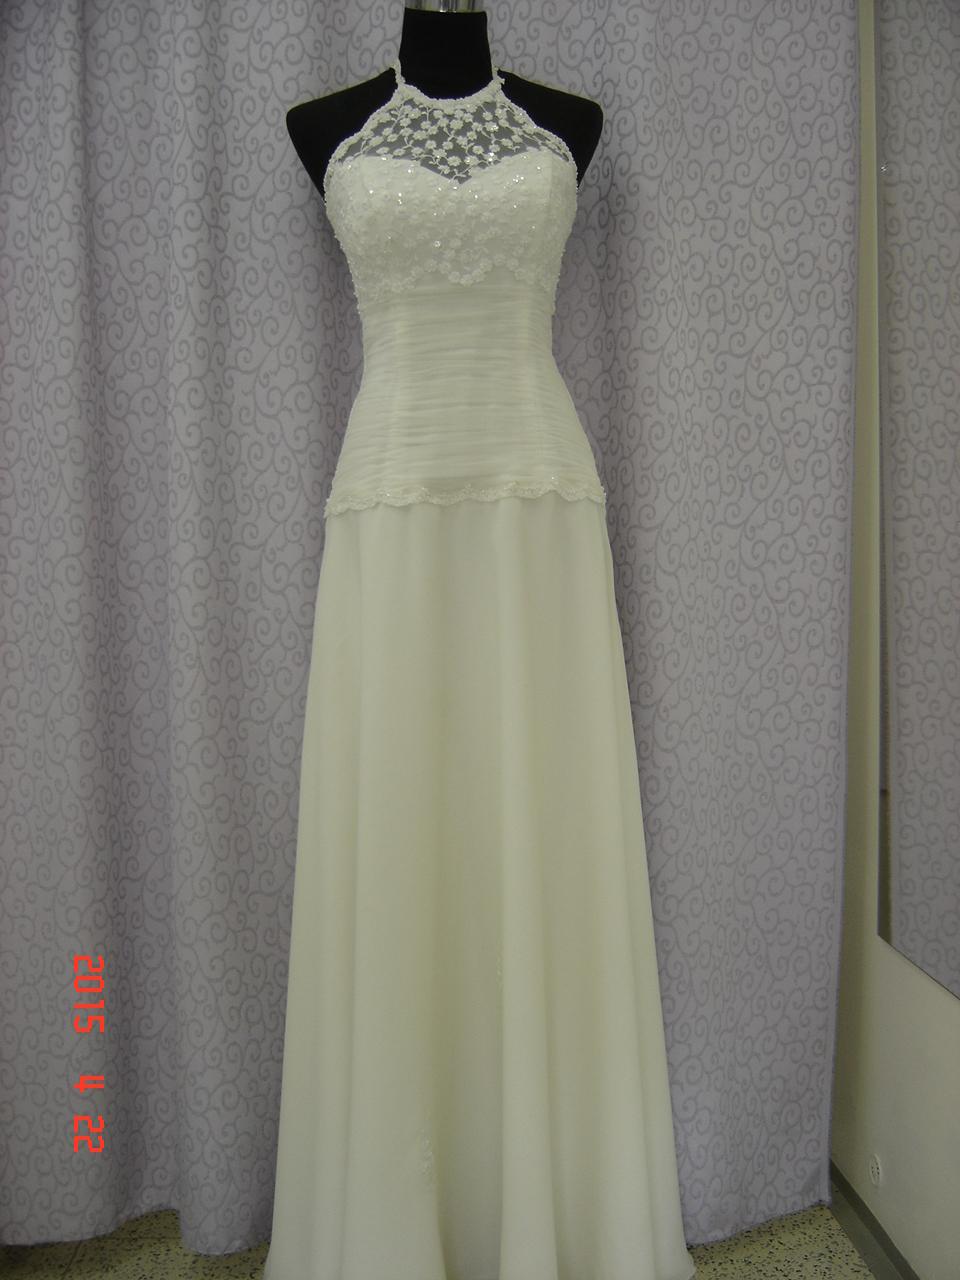 Výprodej svatebních šatů Olomouc